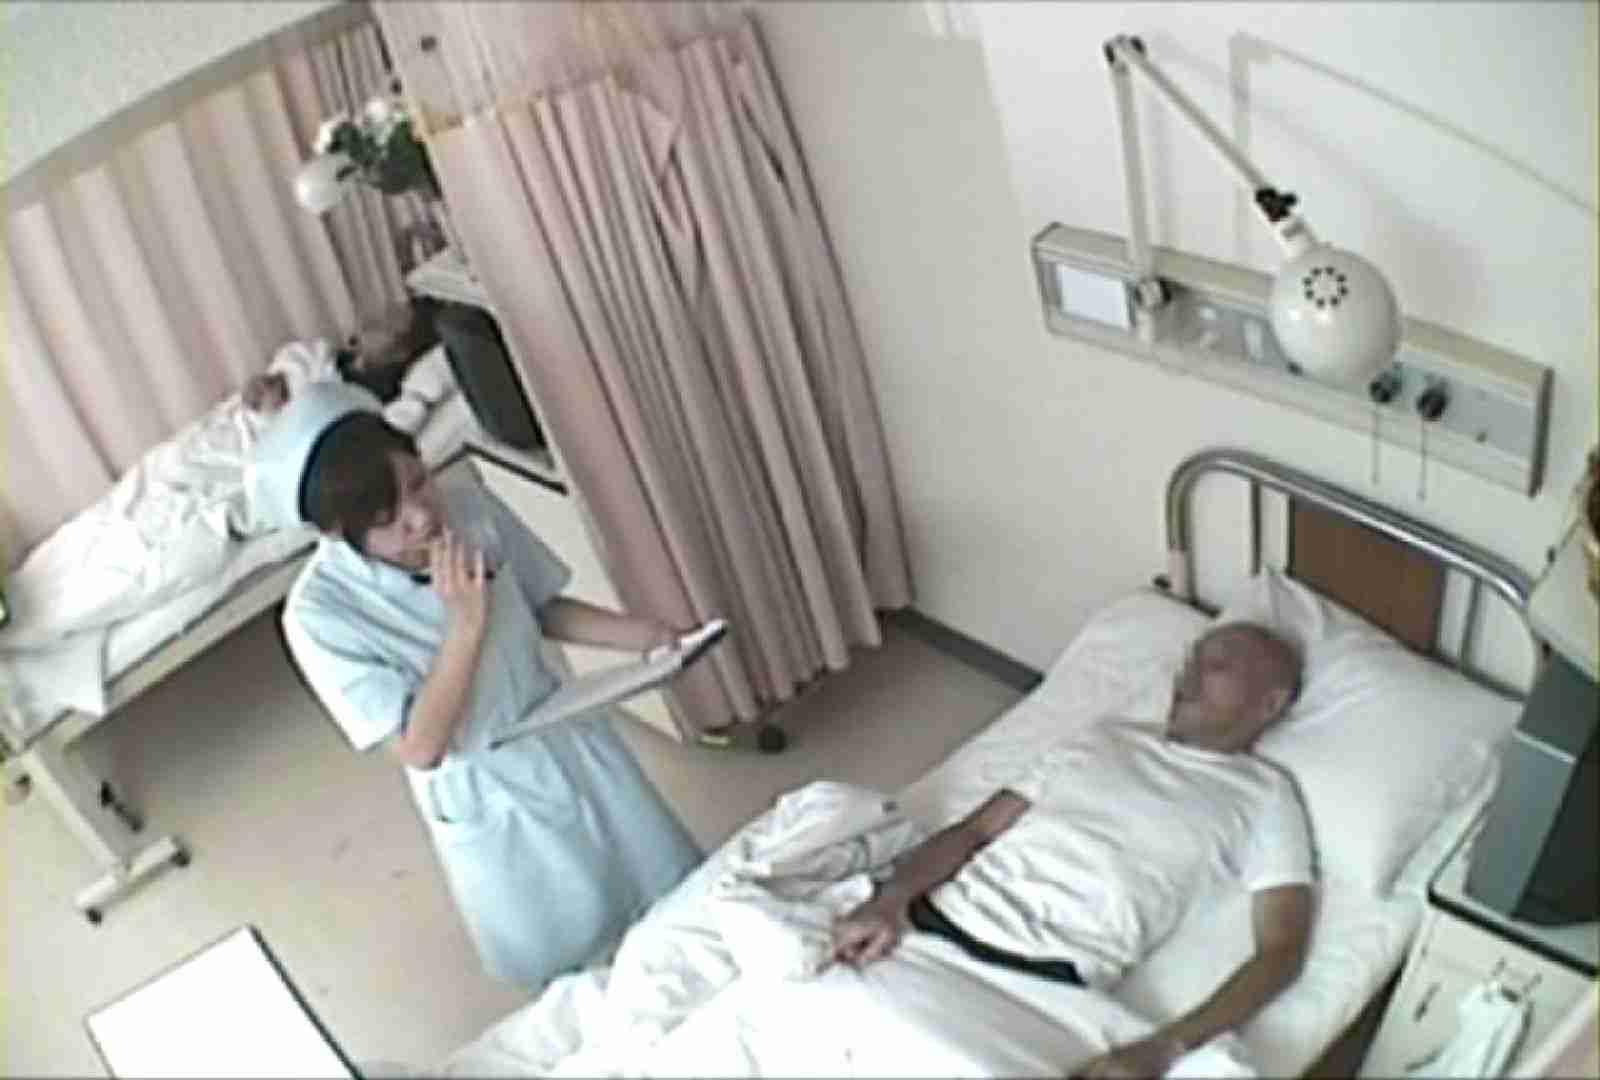 絶対に逝ってはいけない寸止め病棟Vol.2 OLセックス  76画像 2